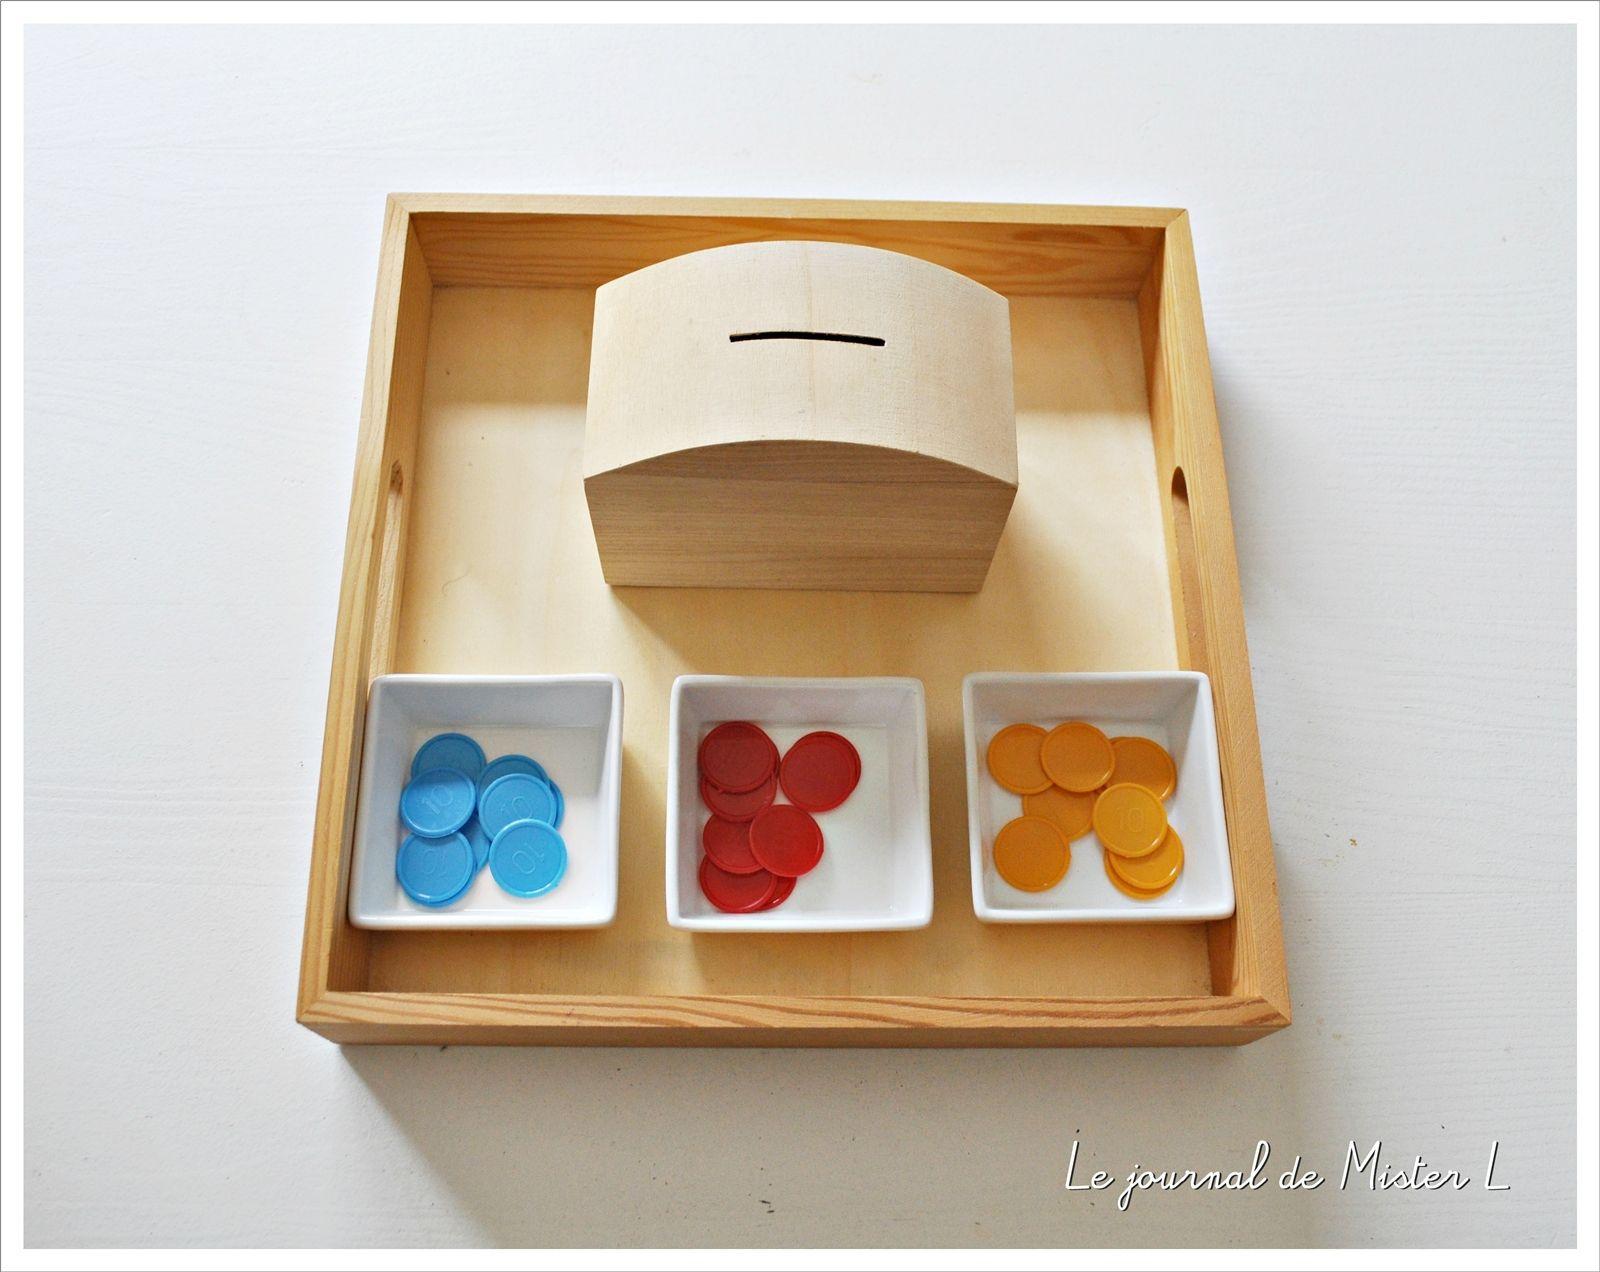 activit s 14 16 mois part 1 le journal de mister l. Black Bedroom Furniture Sets. Home Design Ideas